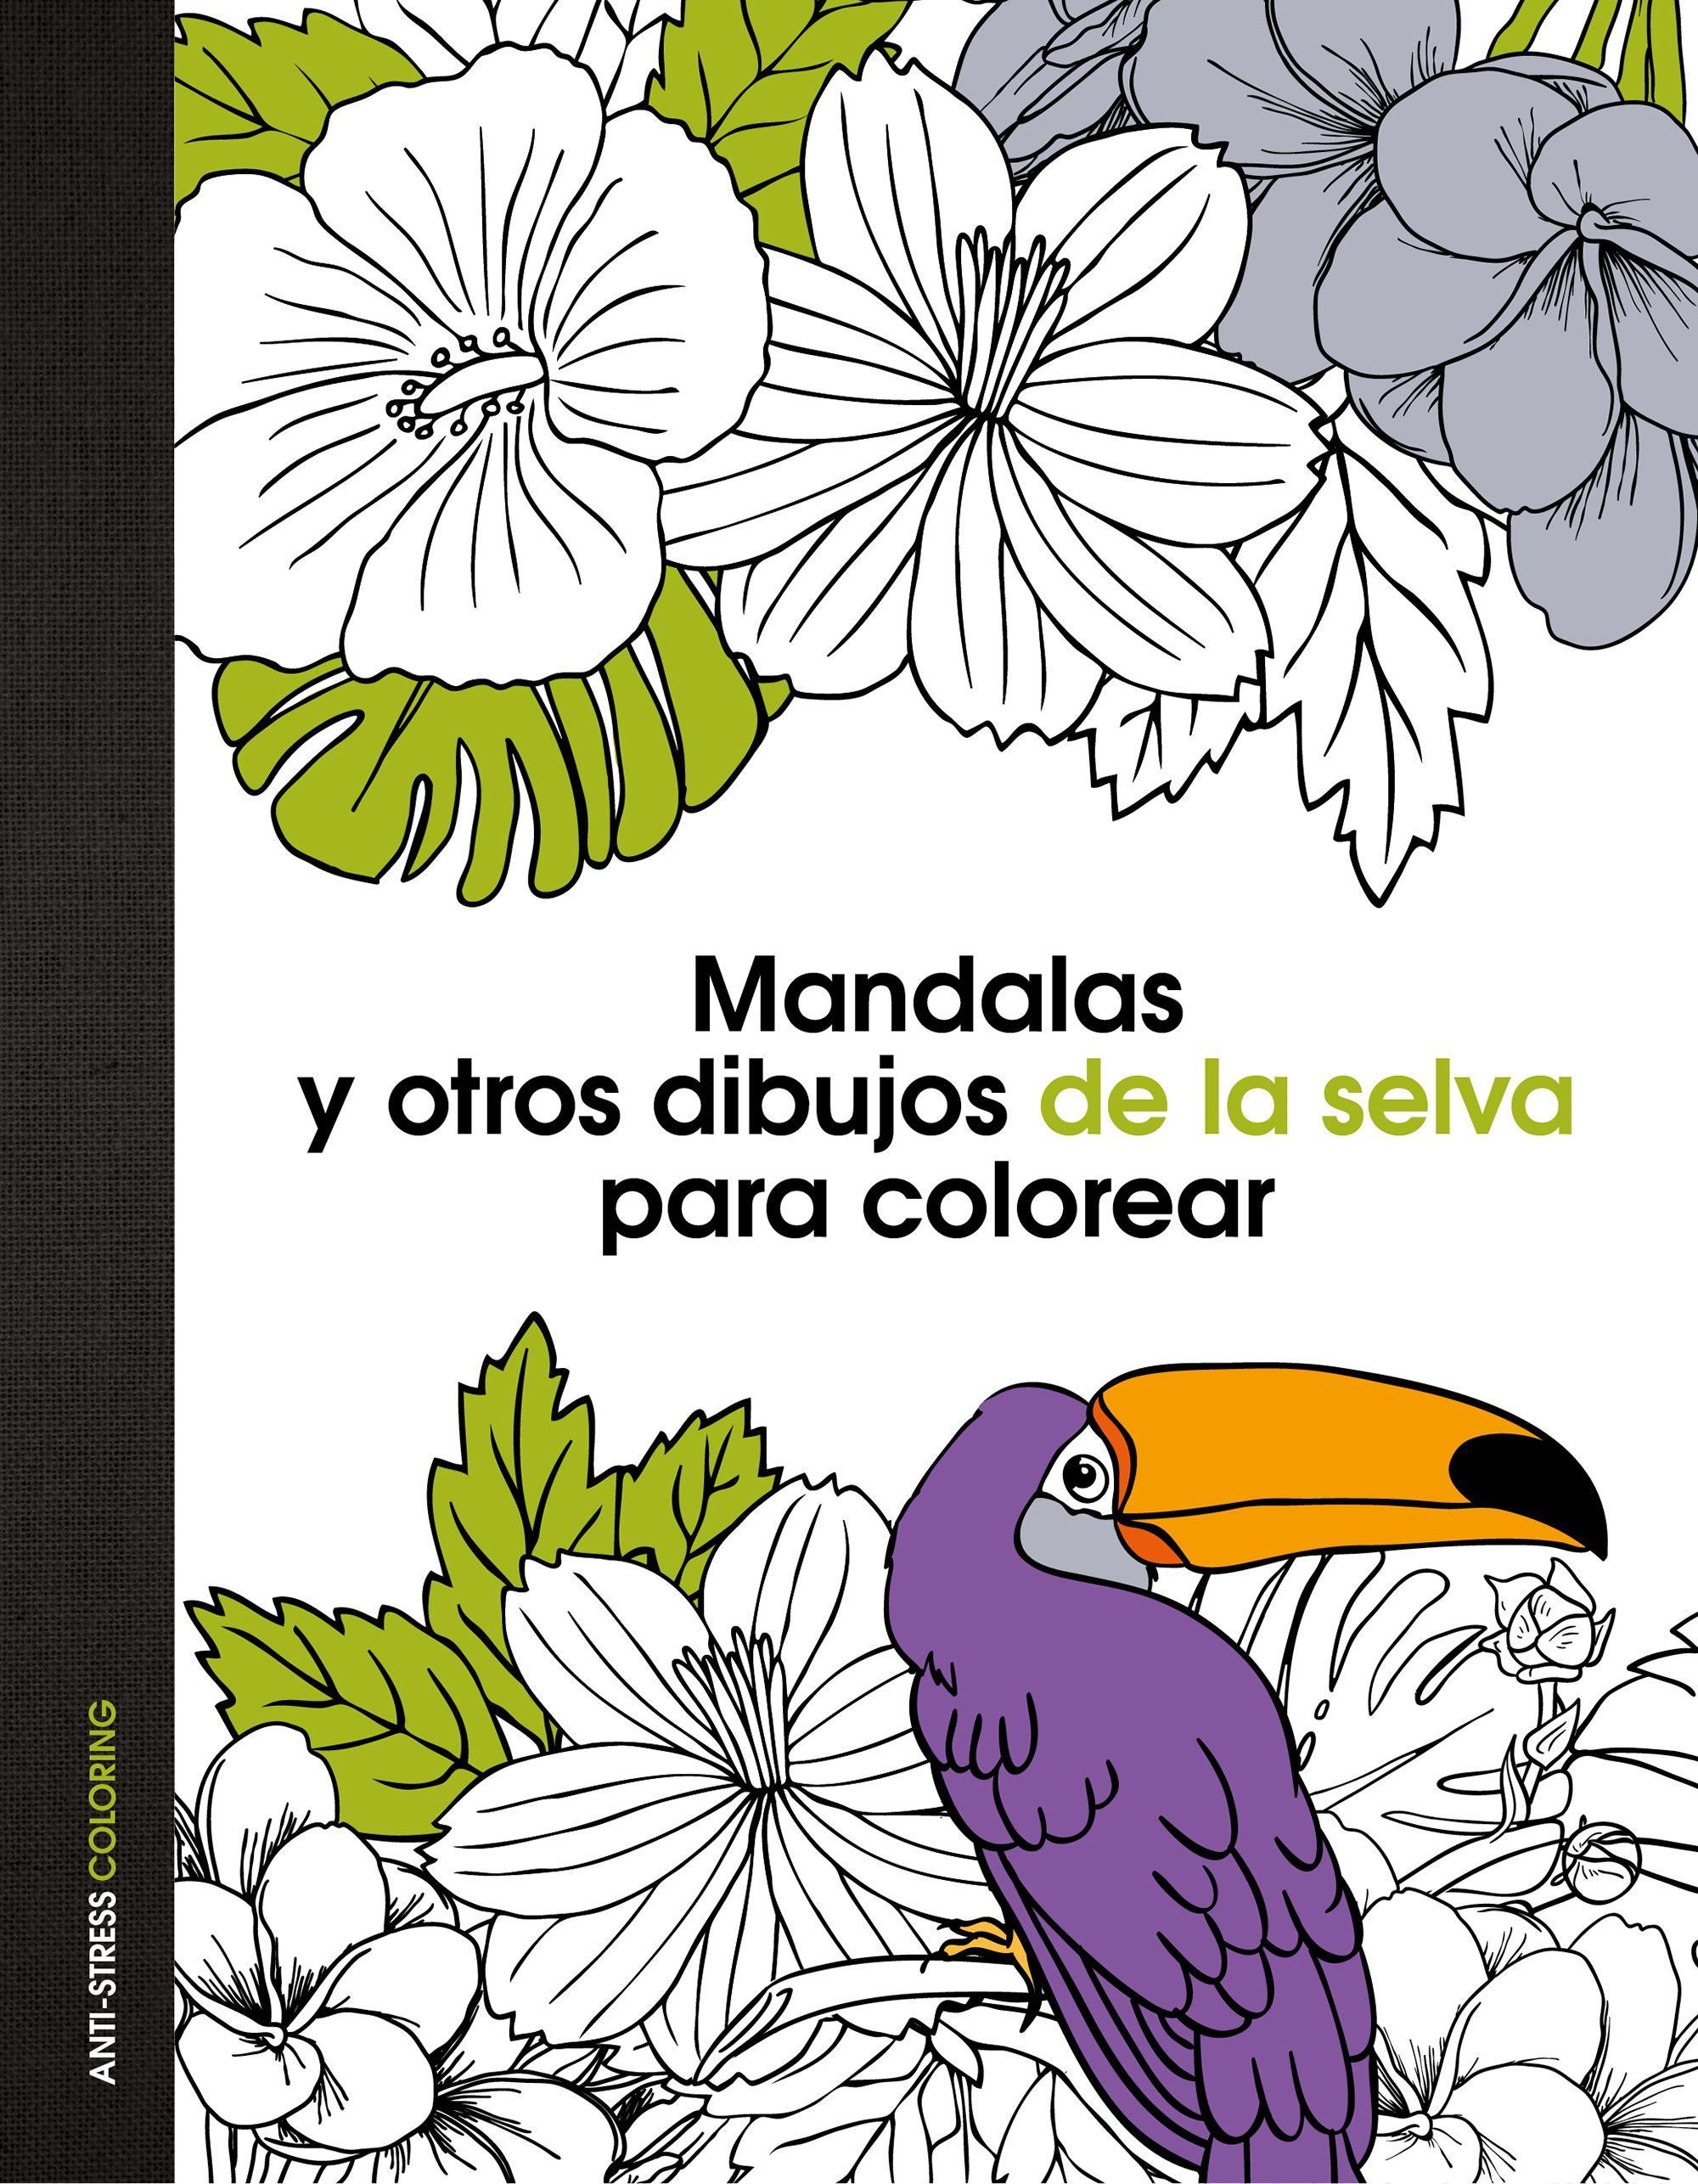 MANDALAS Y OTROS DIBUJOS DE LA SELVA PARA COLOREAR | VV.AA ...